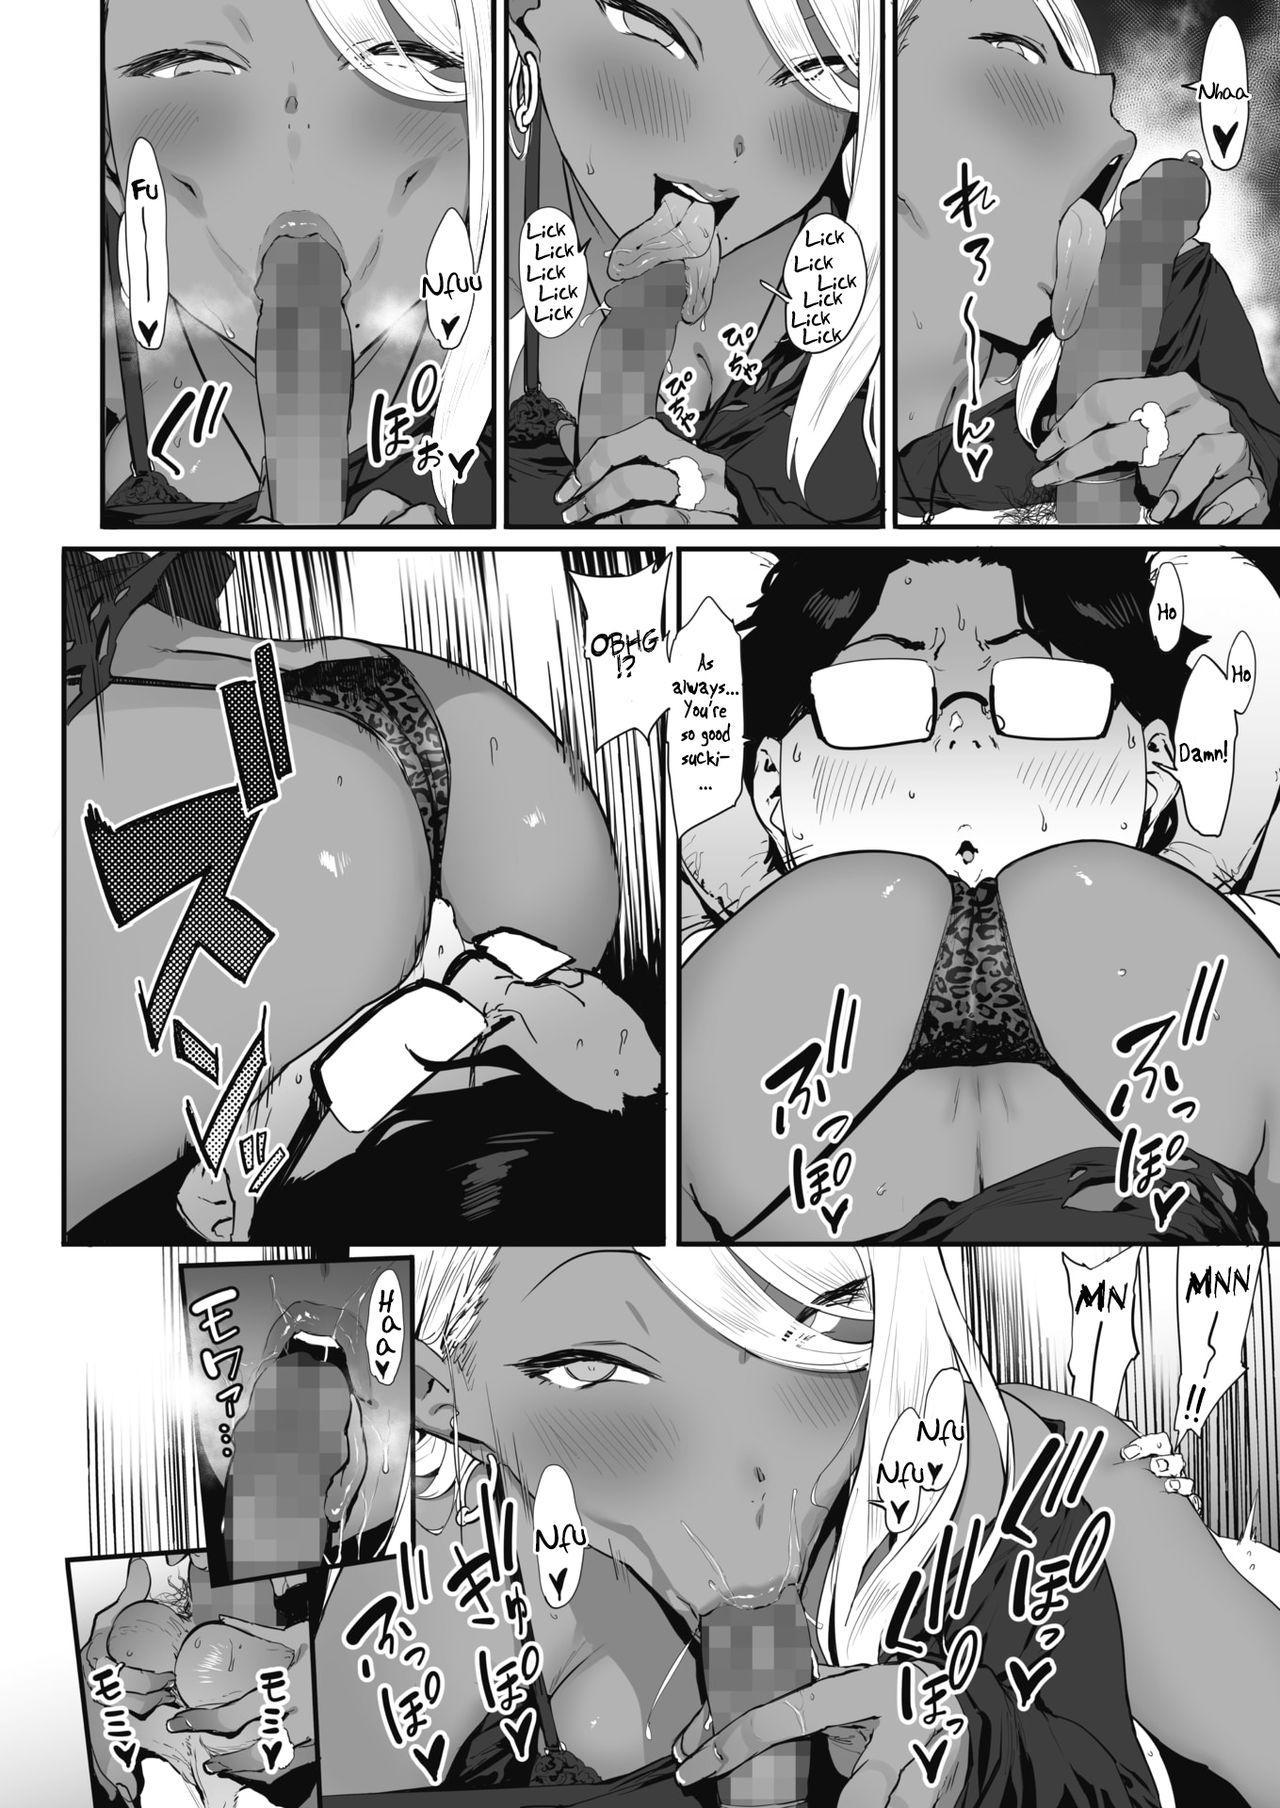 Nagesen Kousai + Motto Nagesen Kousai + MottoX2 Nagesen Kousai 30